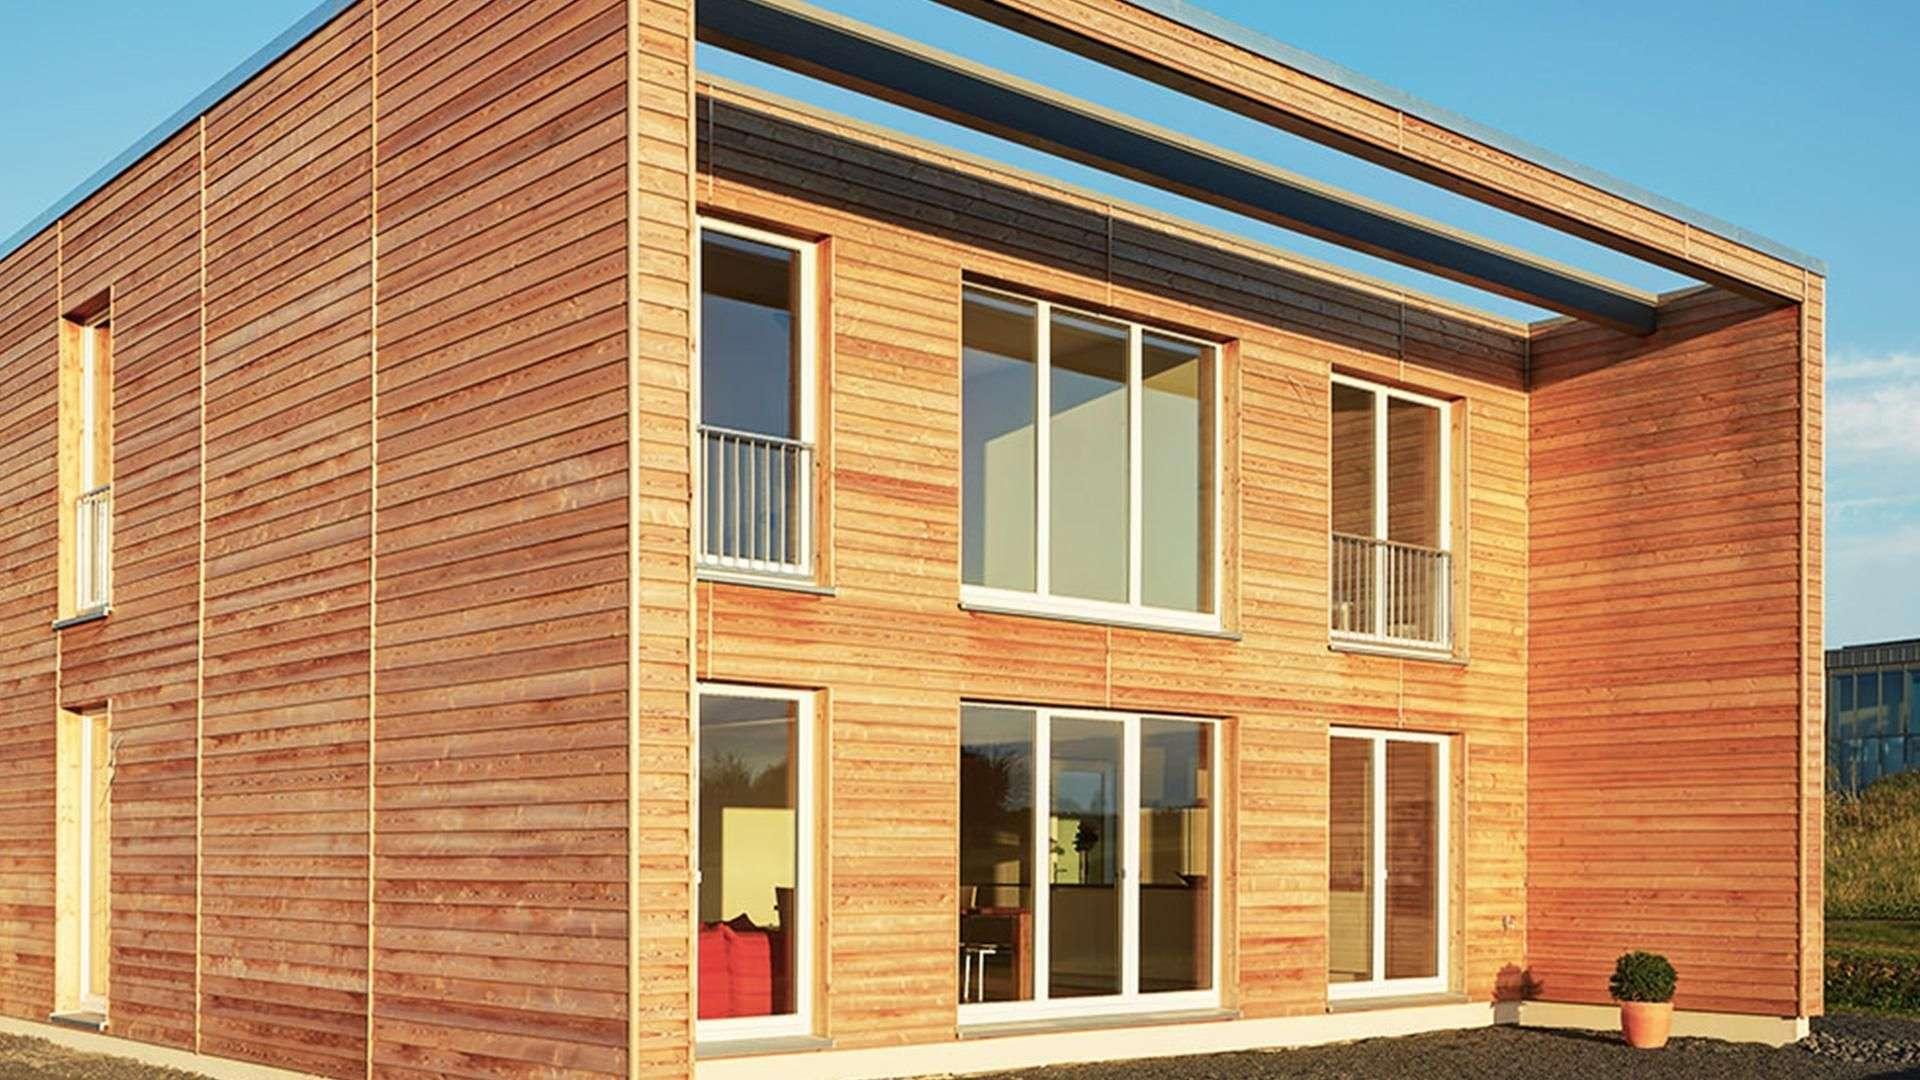 Holzhaus mit Holzfenstern und Flachdach